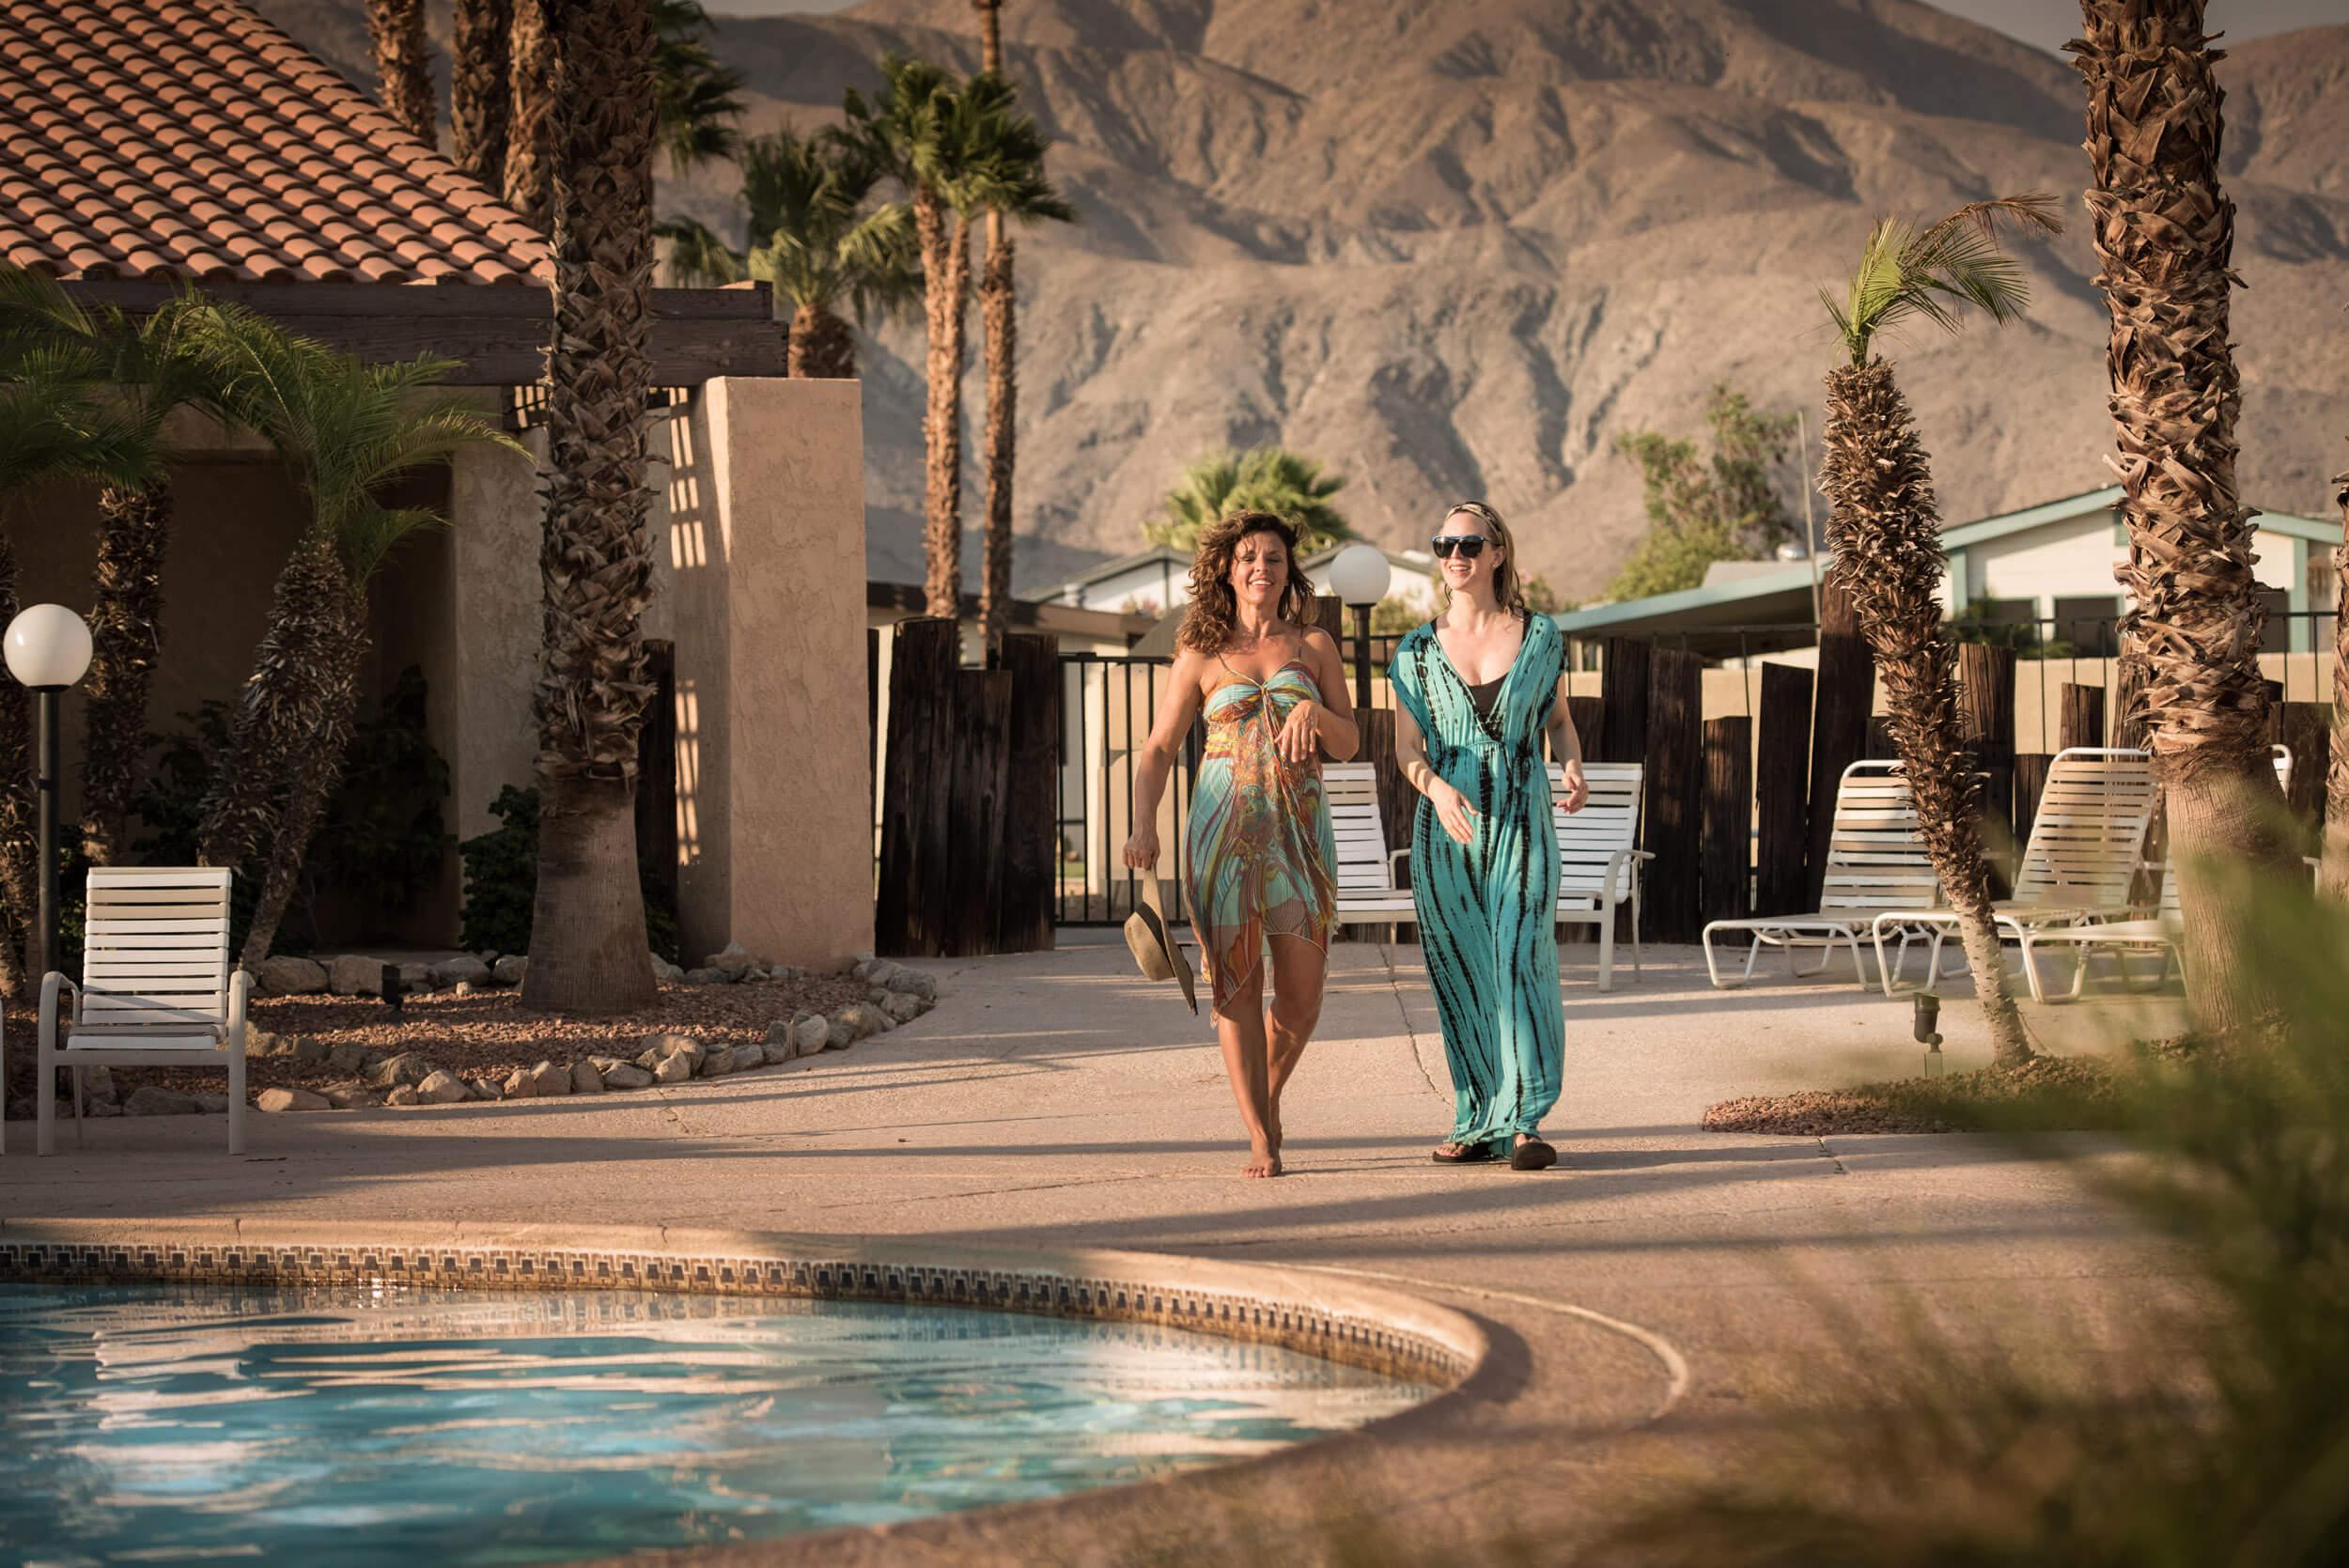 swimming-pools-desert-hot-springs-california.jpg